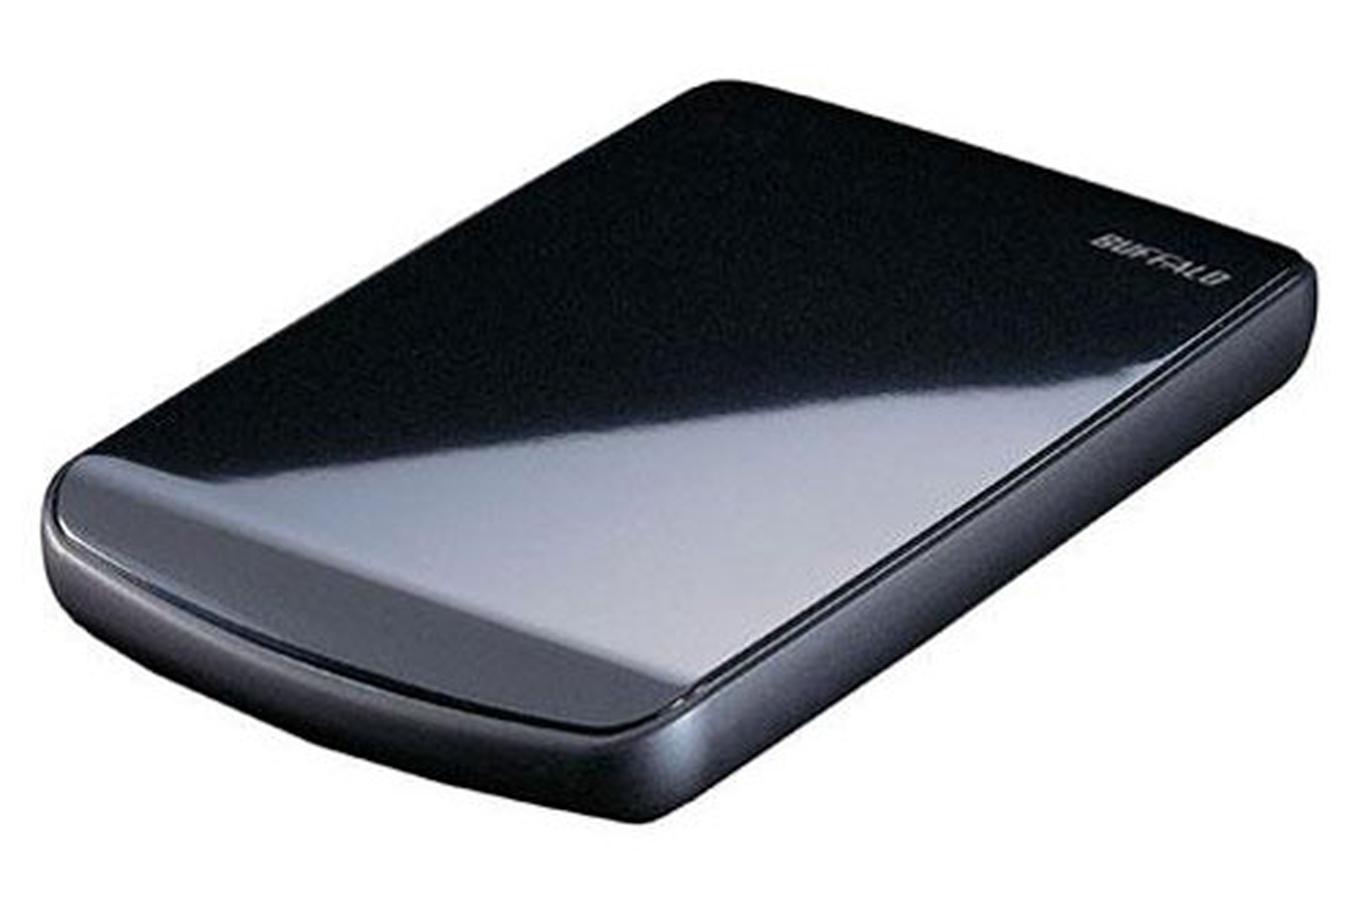 disque dur externe buffalo ms lite 250 go noir mslite250gonoir 1214276 darty. Black Bedroom Furniture Sets. Home Design Ideas